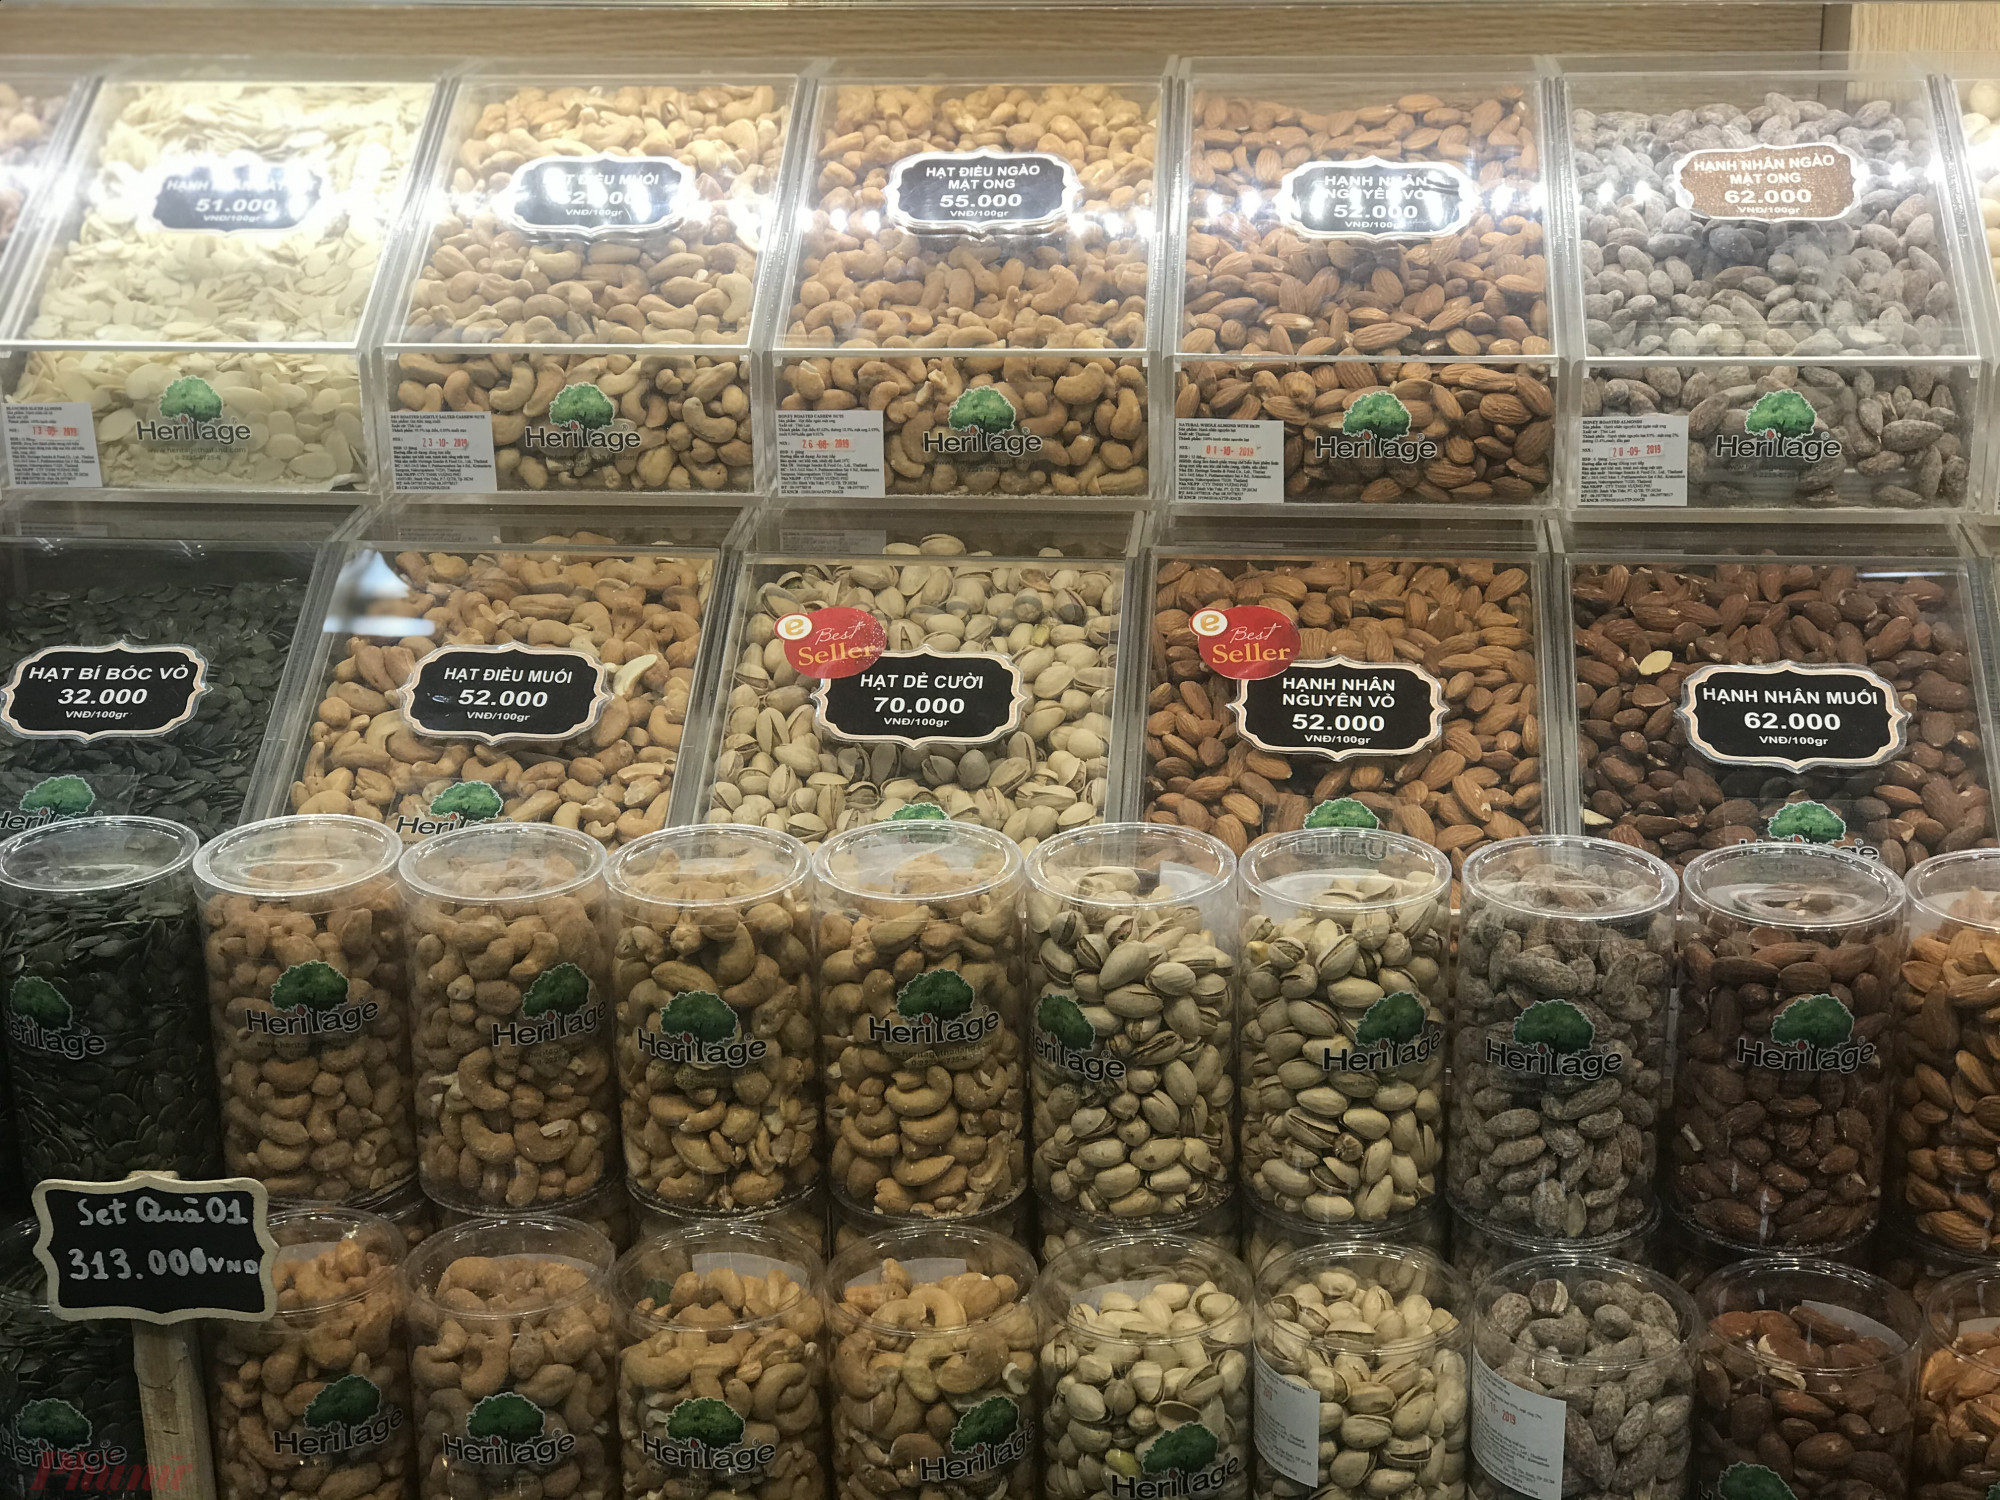 Giá bán một số loạt hạt tại siêu thị